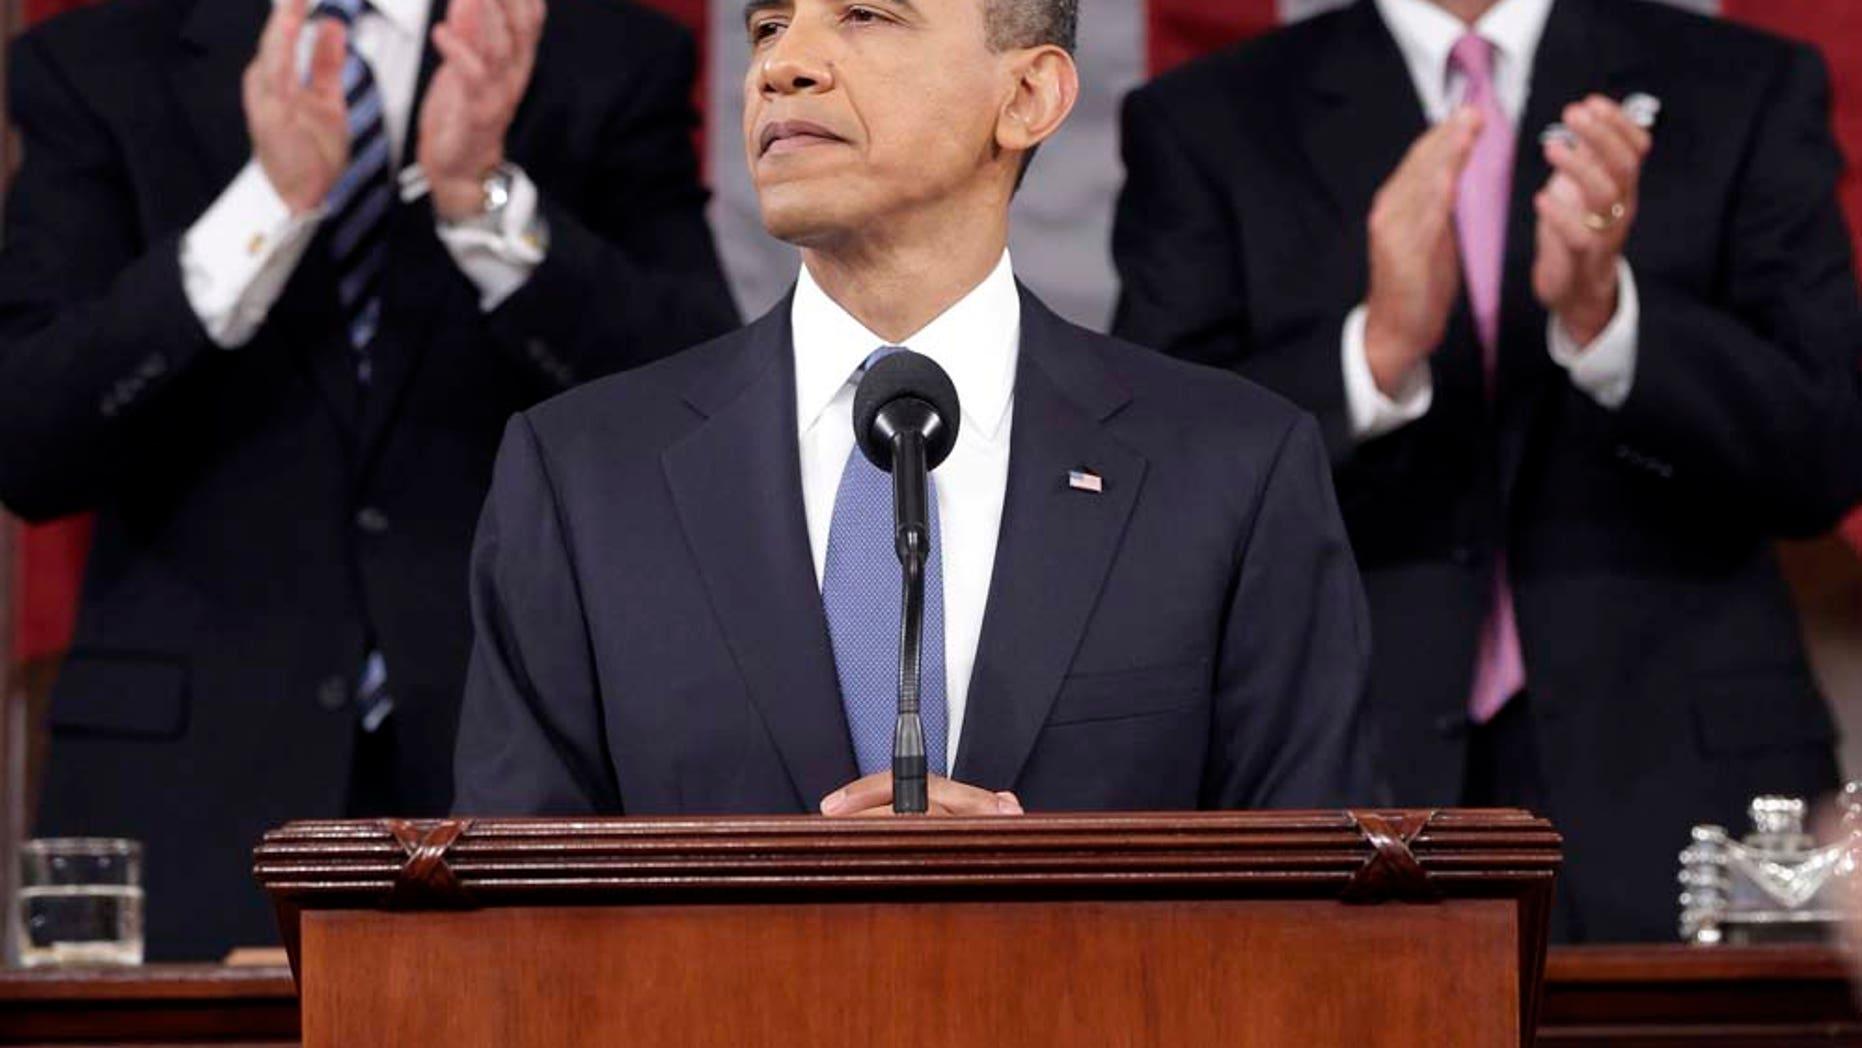 El presidente estadounidense Barack Obama es aplaudido por el vicepresidente Joe Biden y el presidente de la Cámara de Representantes John Boehner en el Capitolio en Washington, el martes 25 de enero de 2011, durante su discurso sobre el estado de la nación. (Foto AP/Pablo Martínez Monsiváis, Pool)